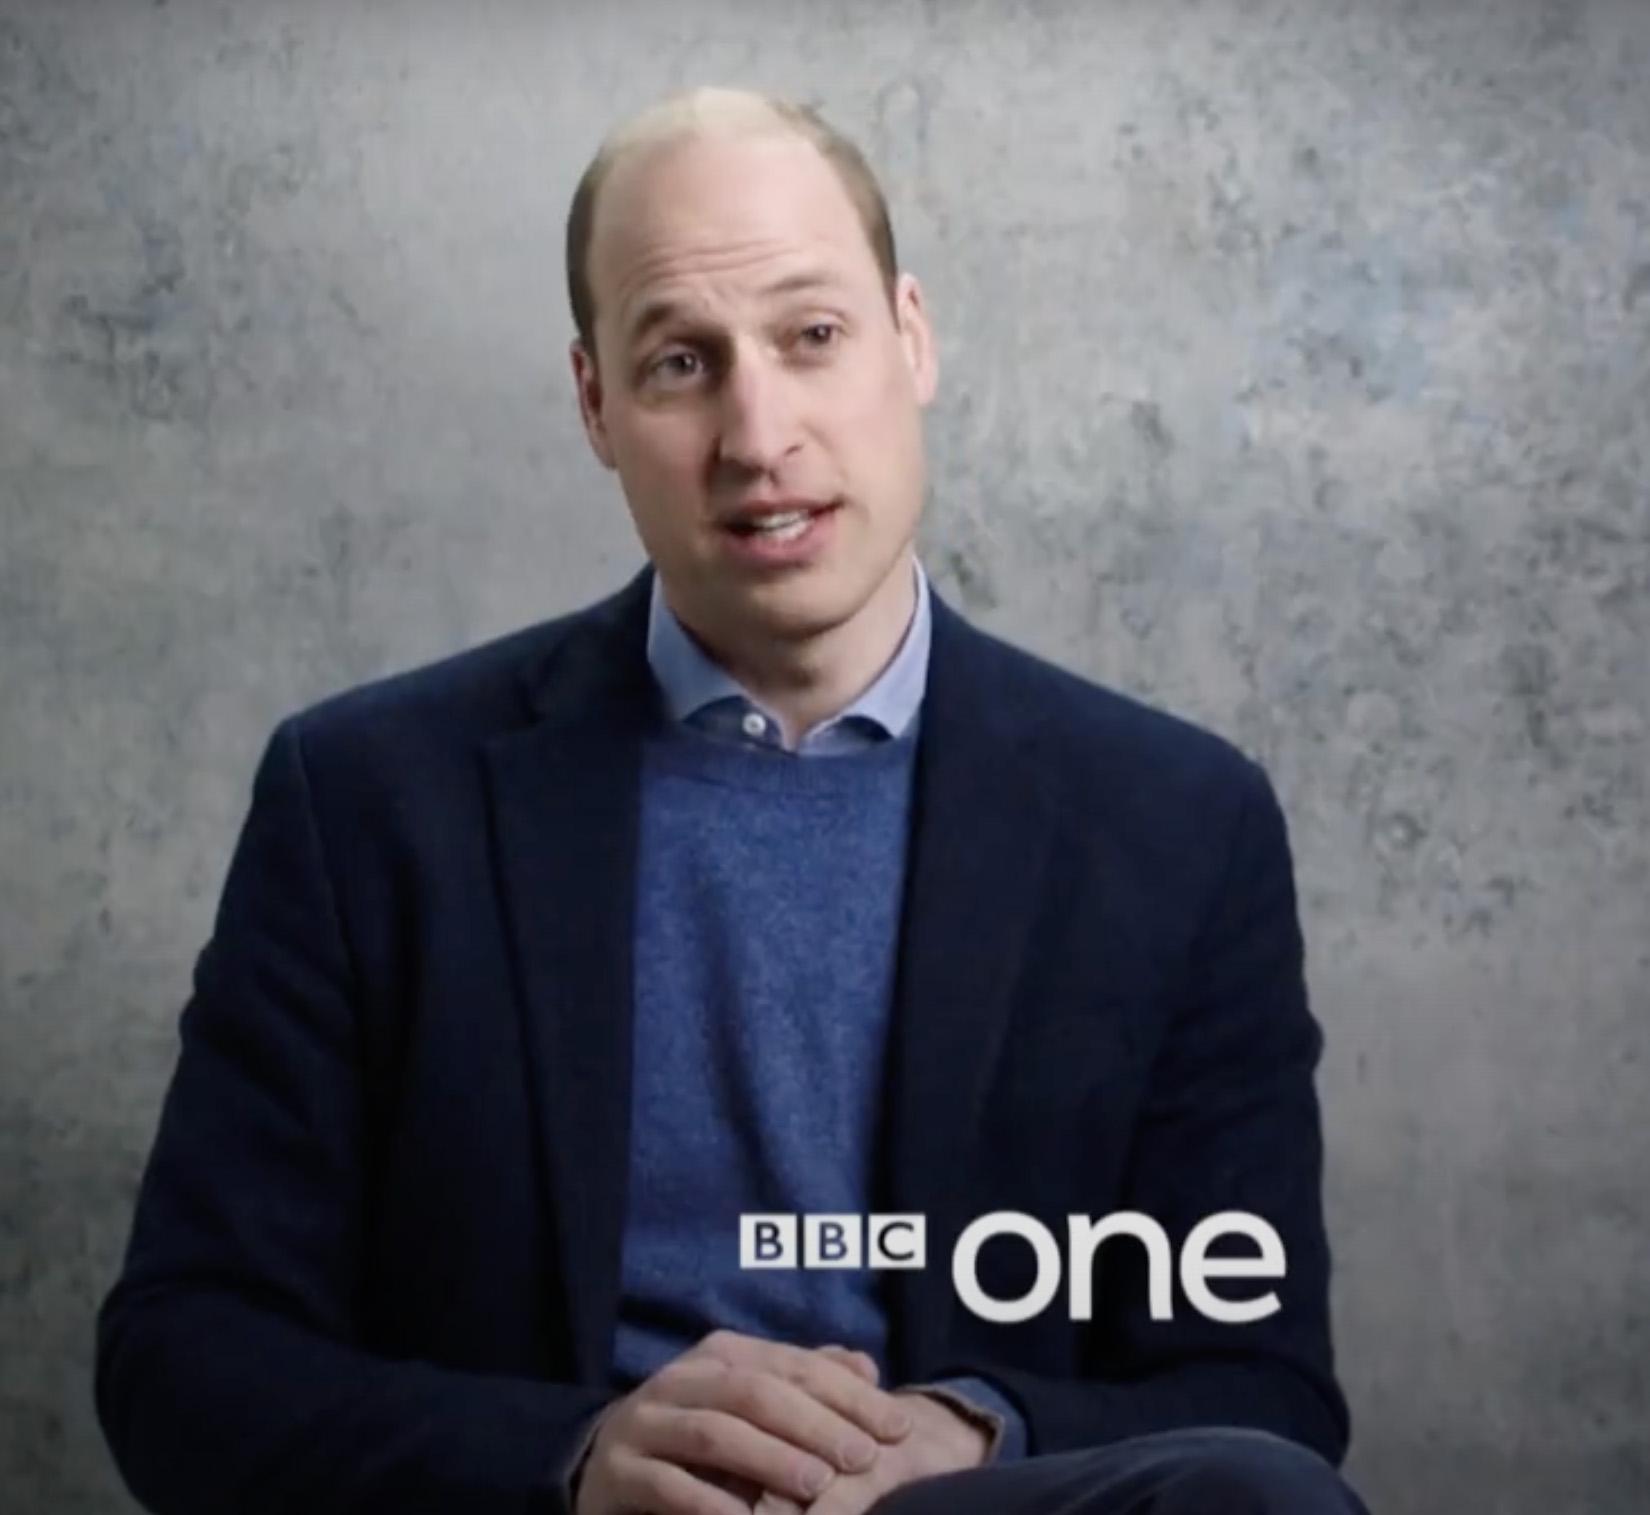 Prince William in BBC Prince Philip Tribute